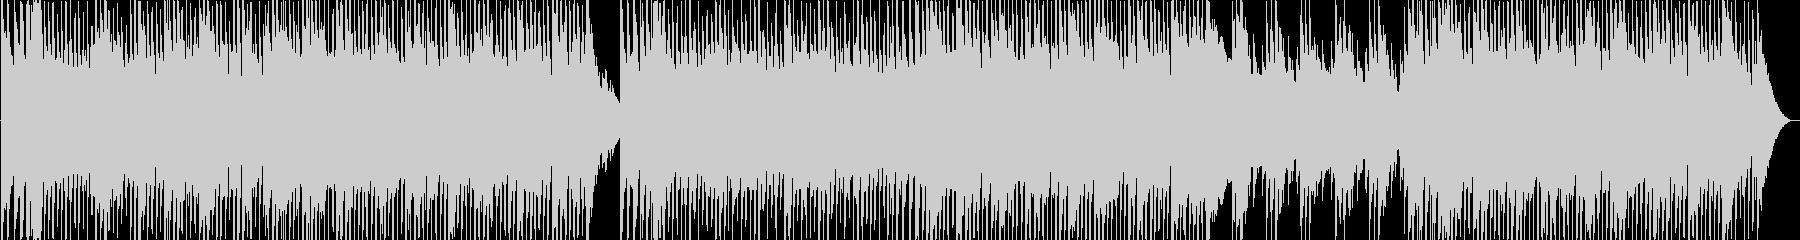 明るくポップなフォークサウンドの未再生の波形